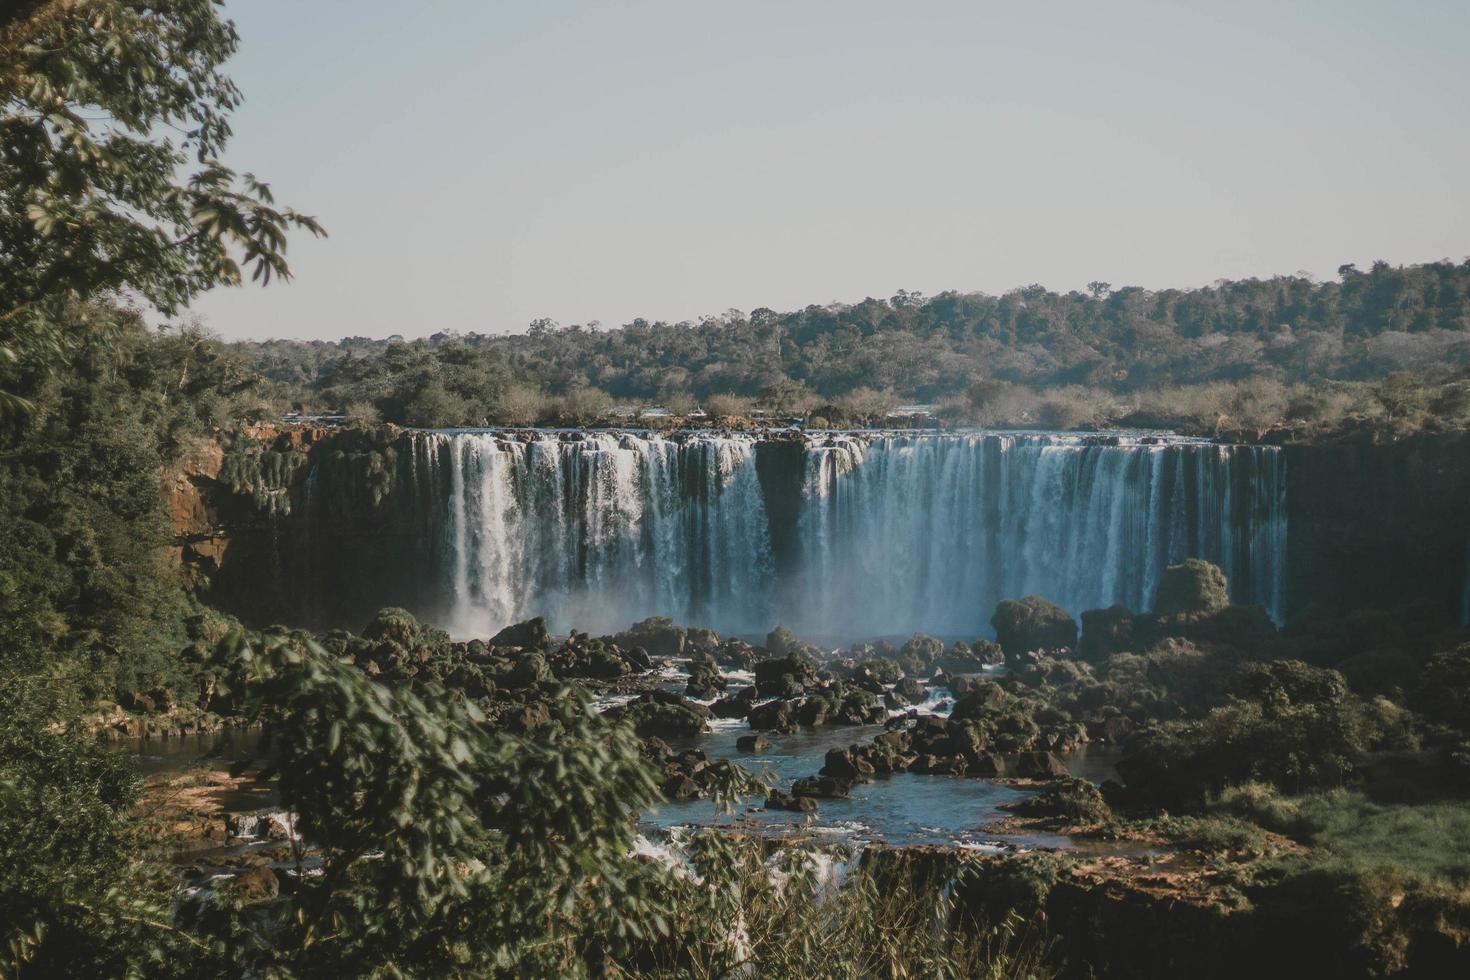 foto grandangolare della cascata